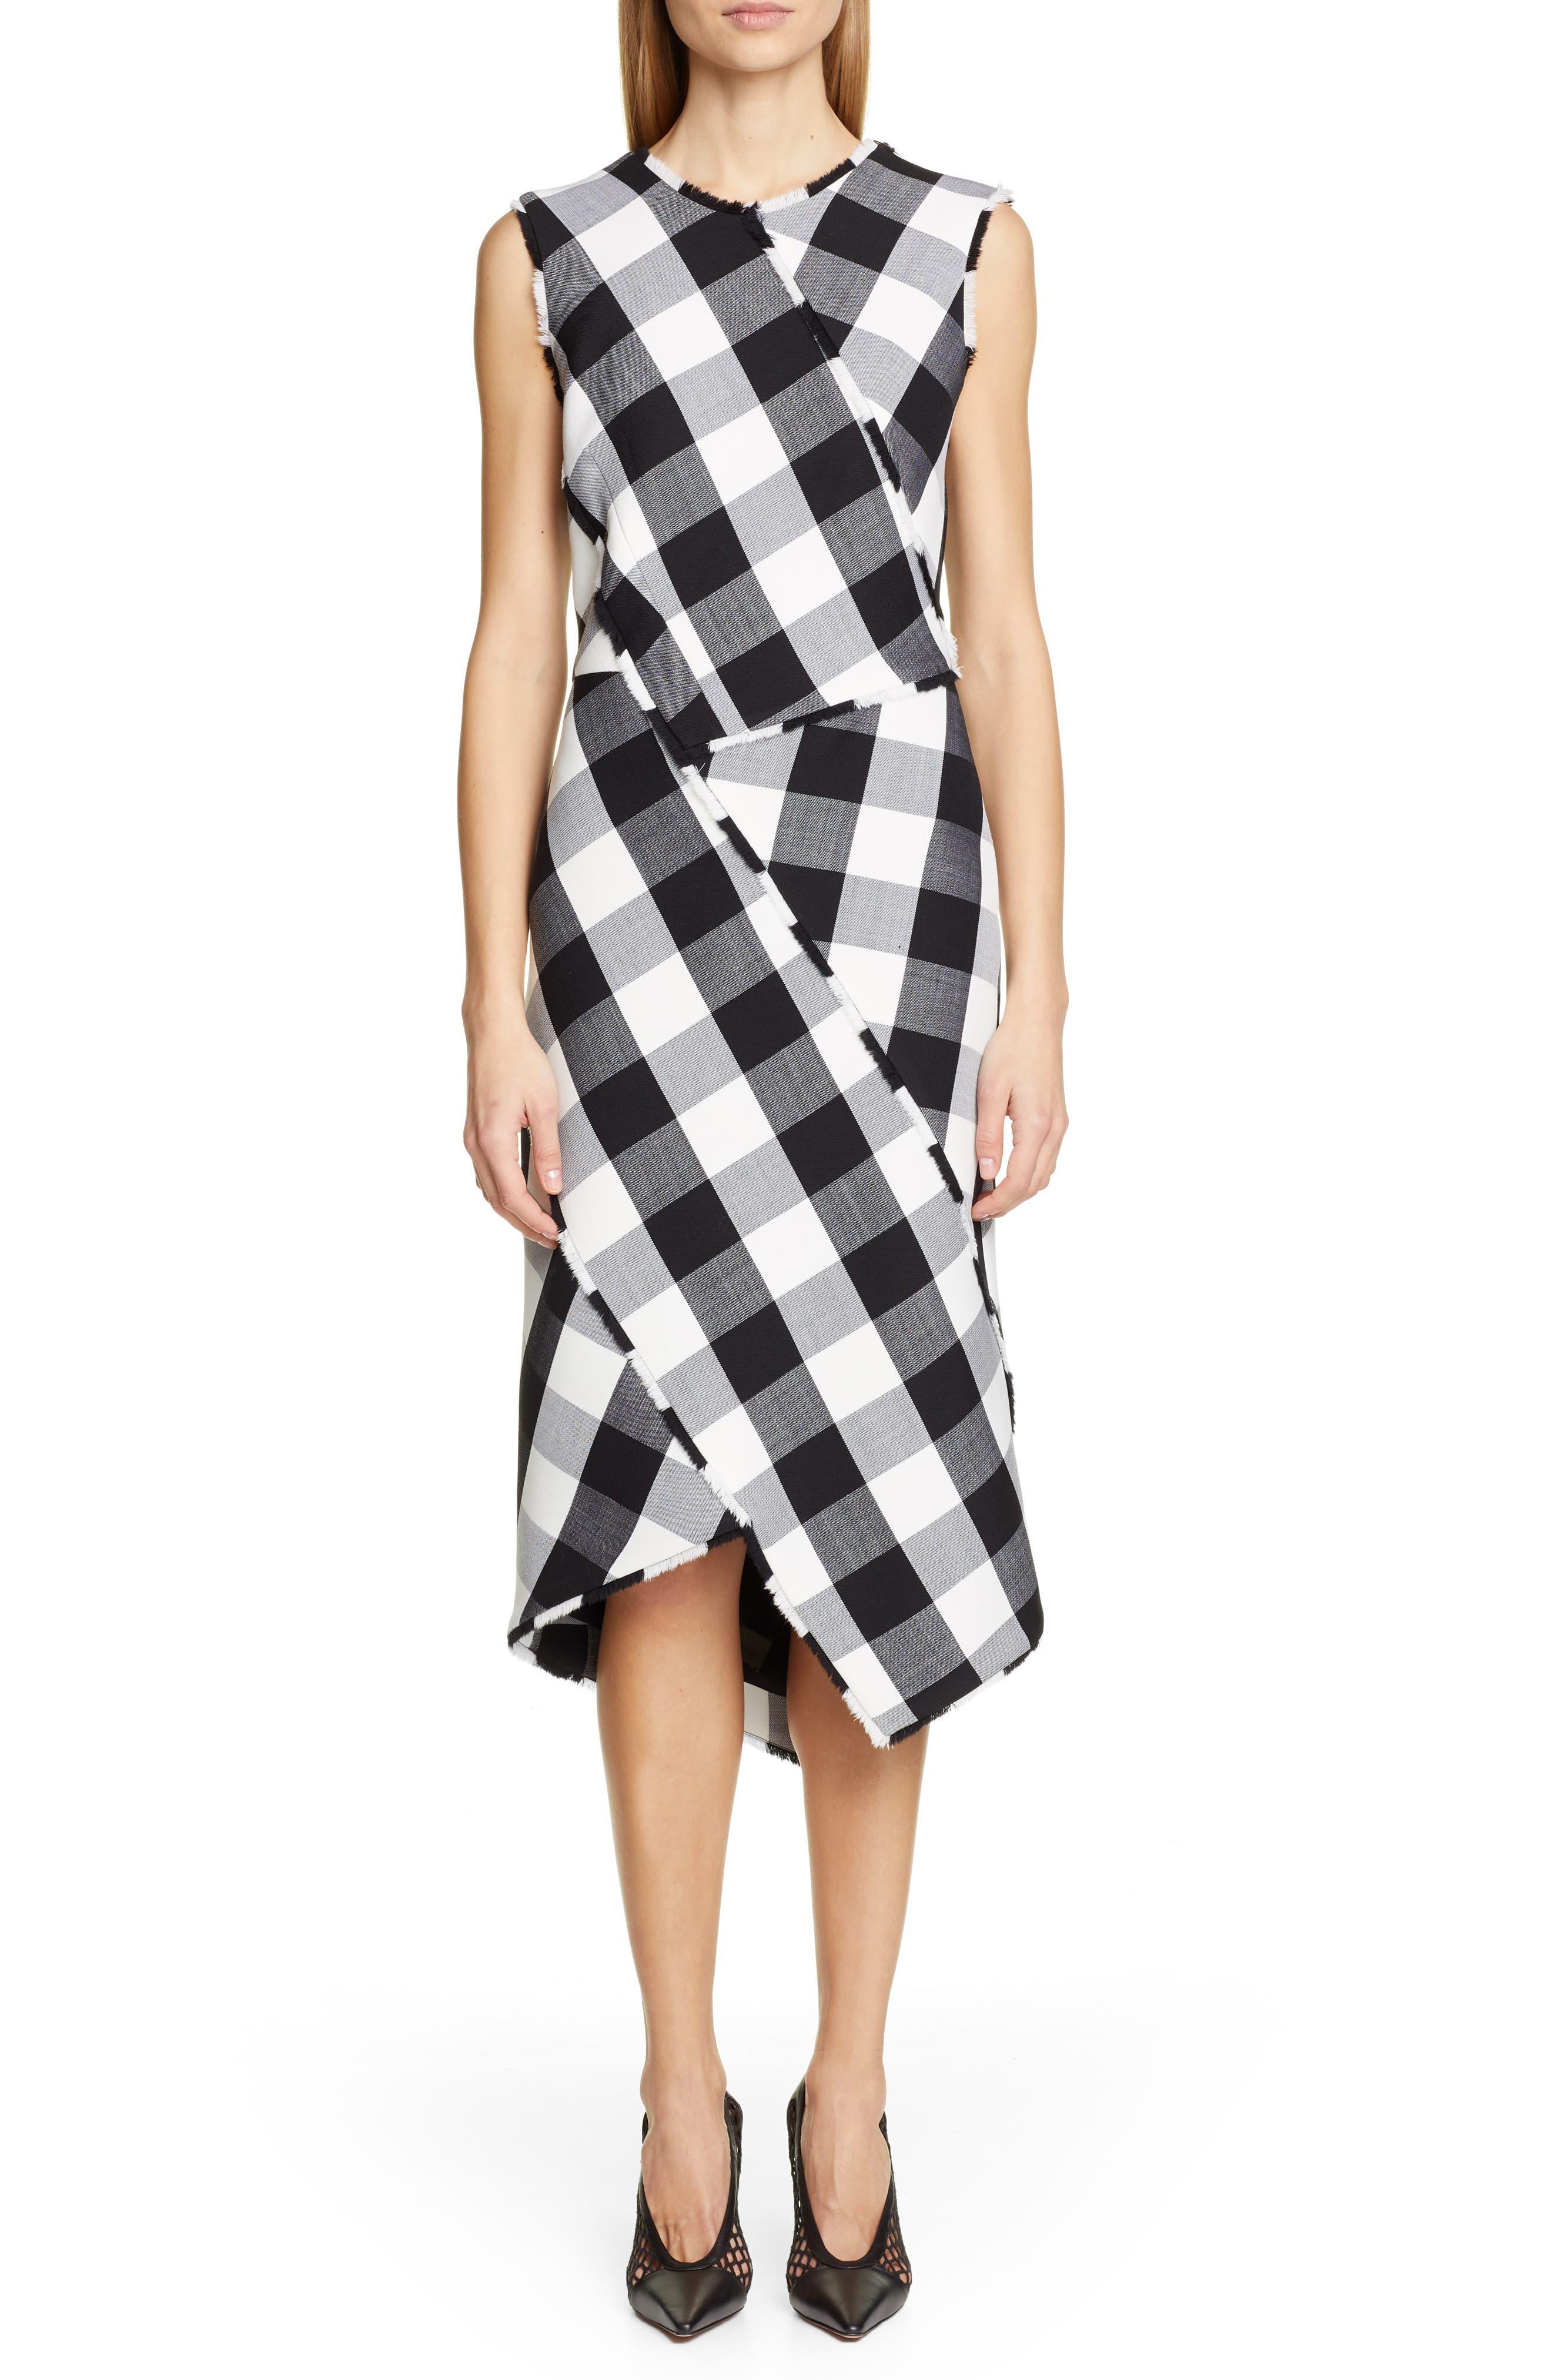 Altuzarra Paneled Gingham Stretch Wool Sheath Dress, 8 FR - Black